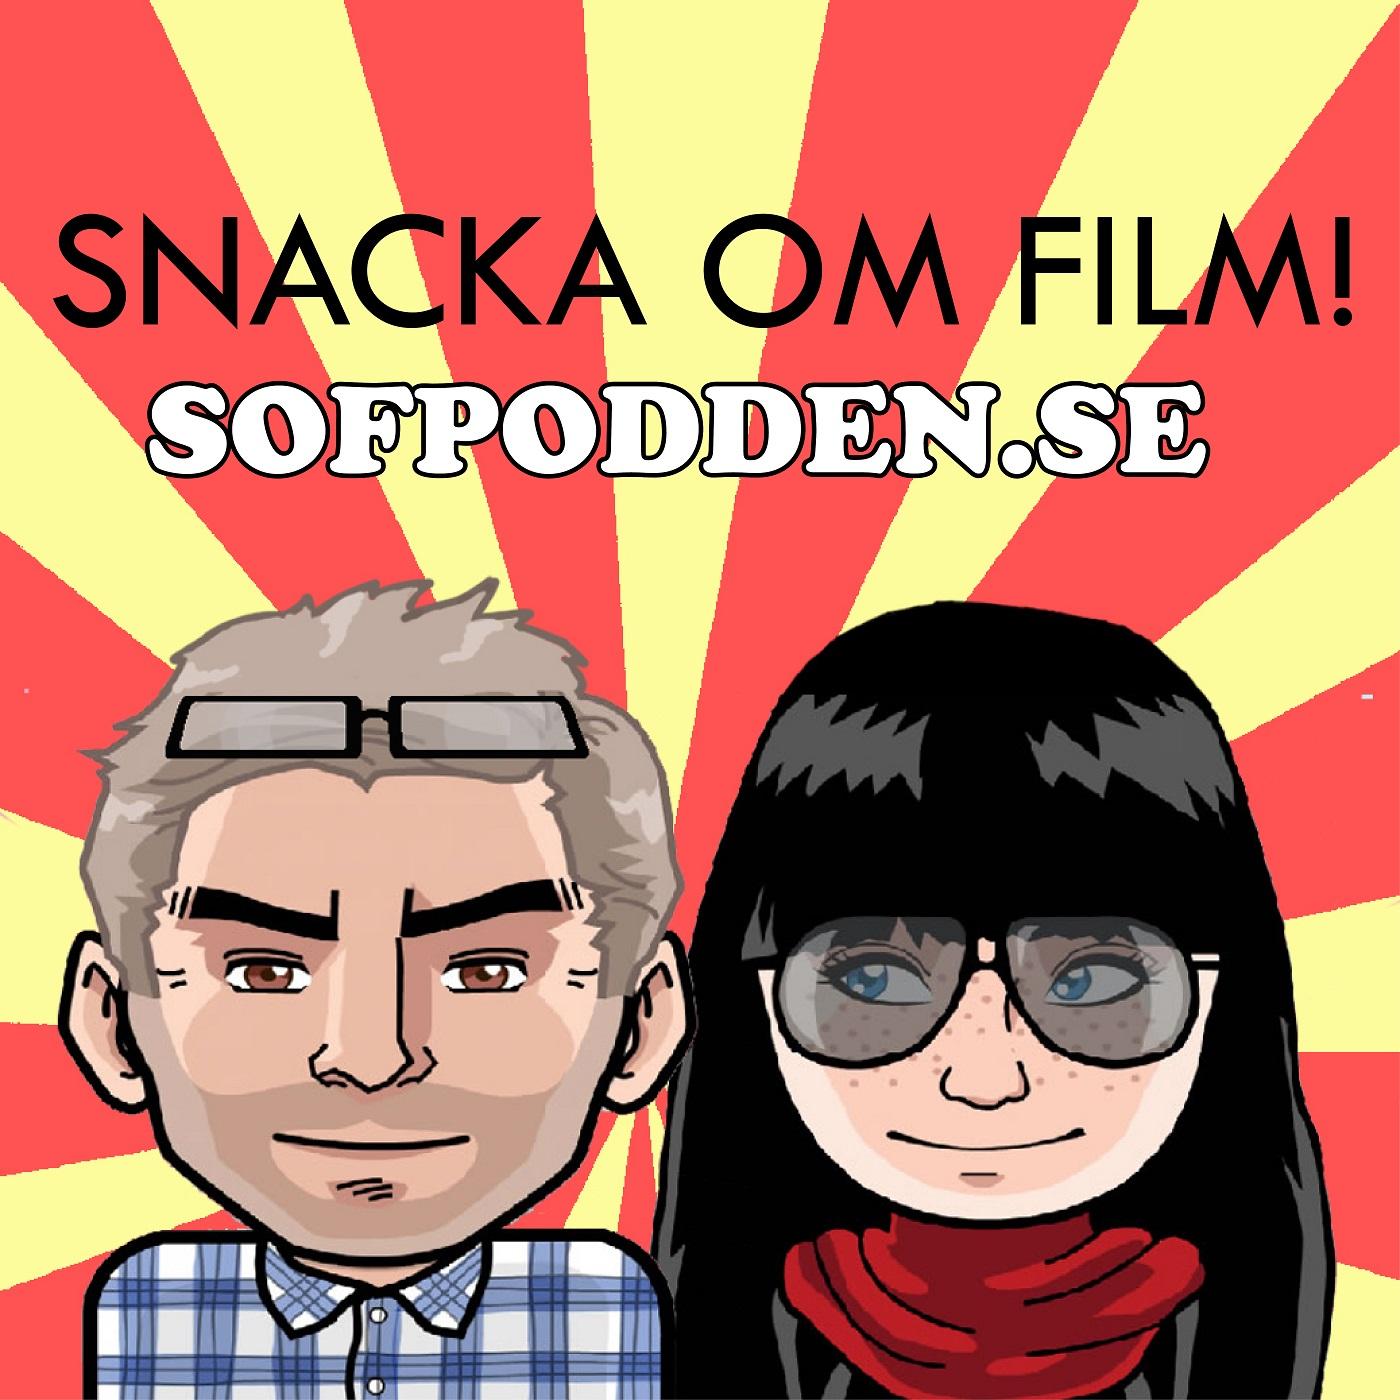 Snacka om Film! logo